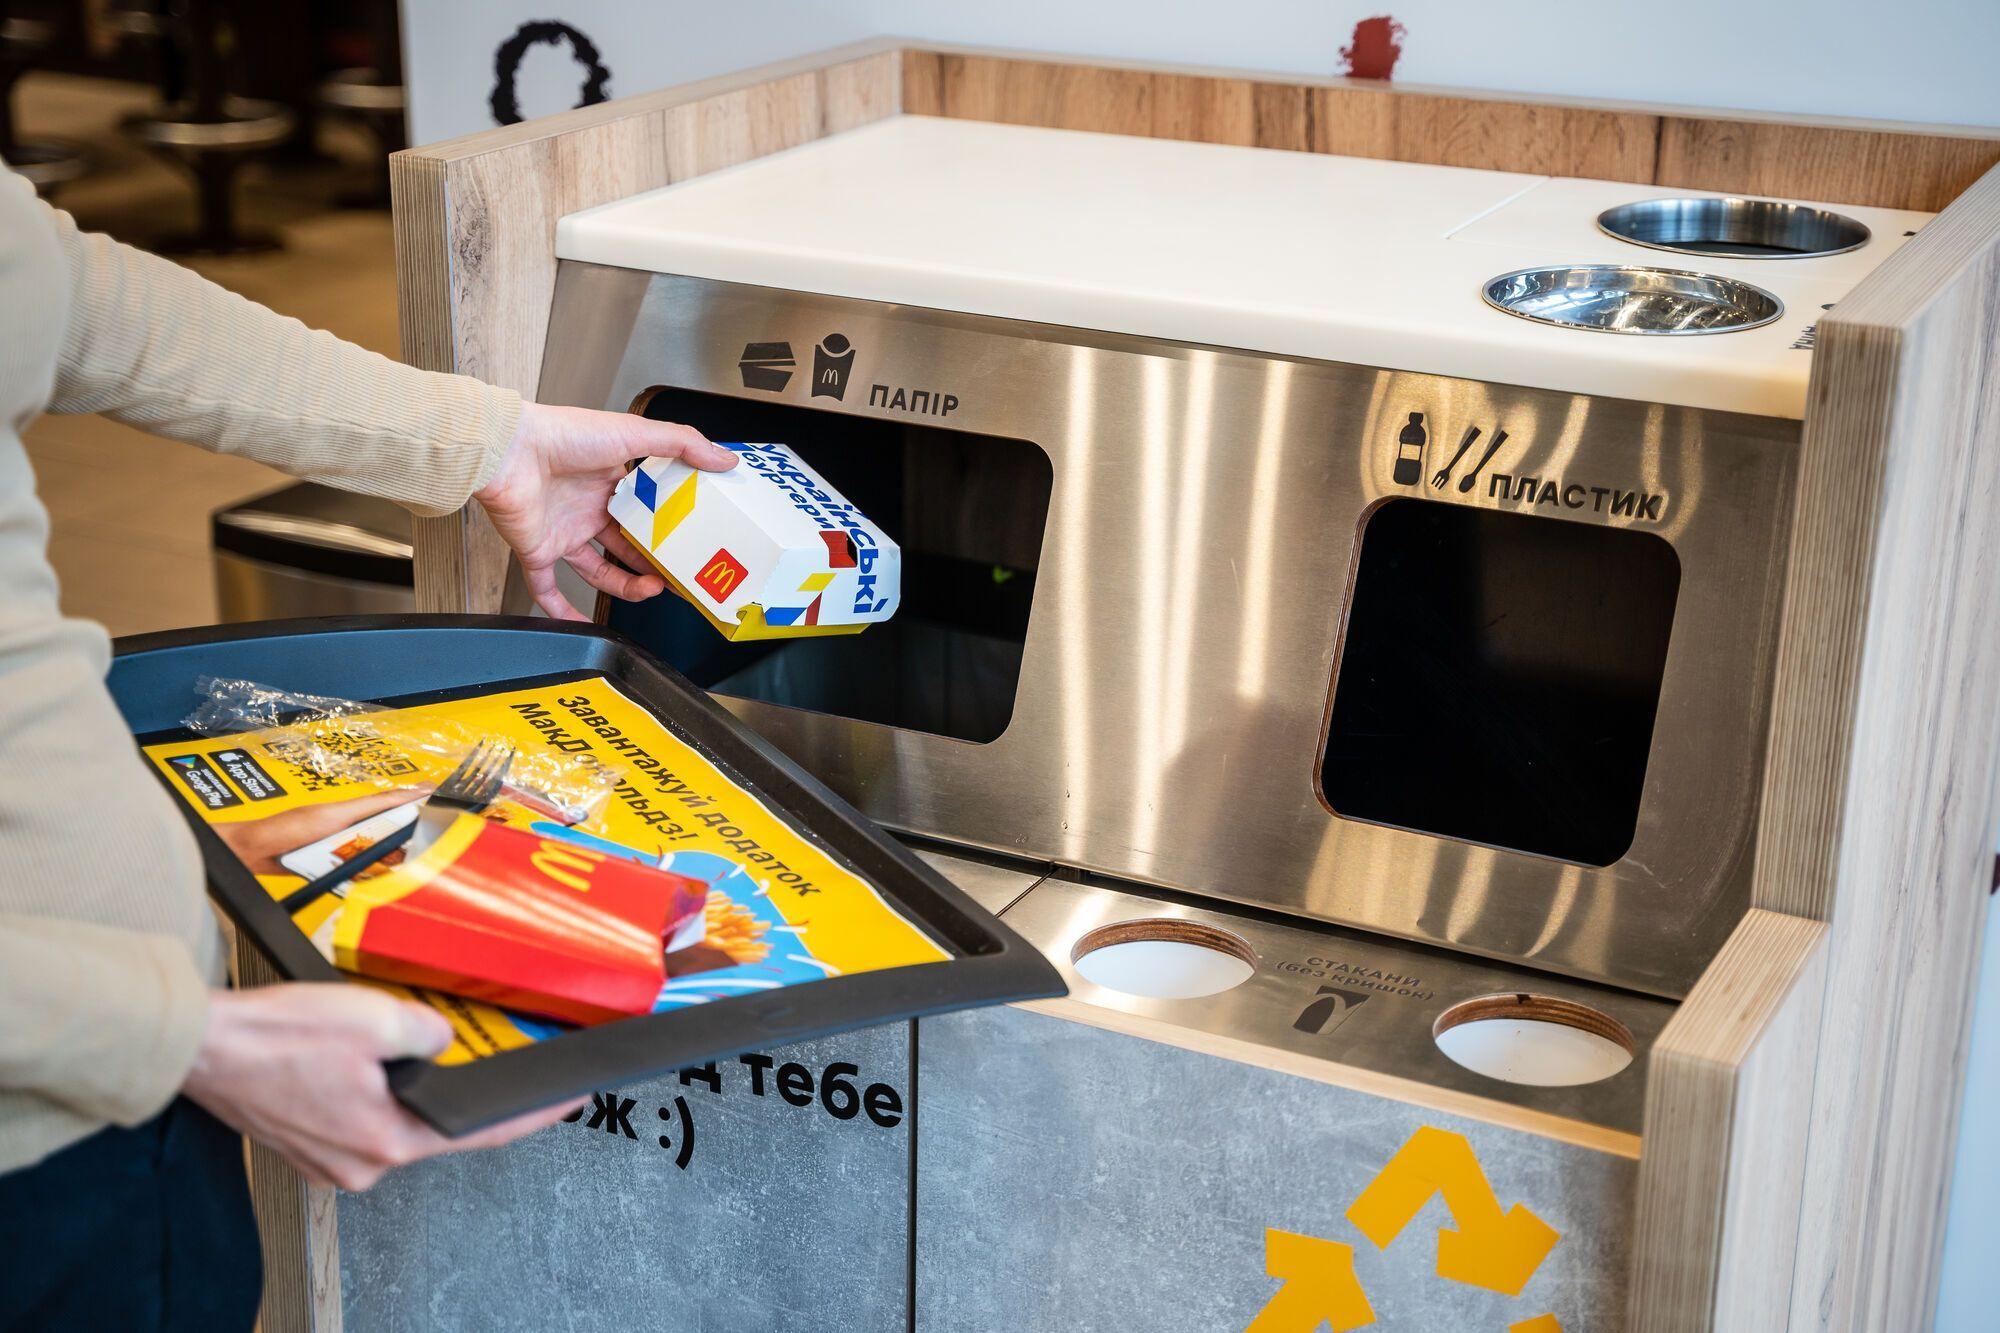 """""""Сортуй – ми переробимо"""": МакДональдз впровадив сортування і переробку відходів у залах ресторанів по всій Україні"""